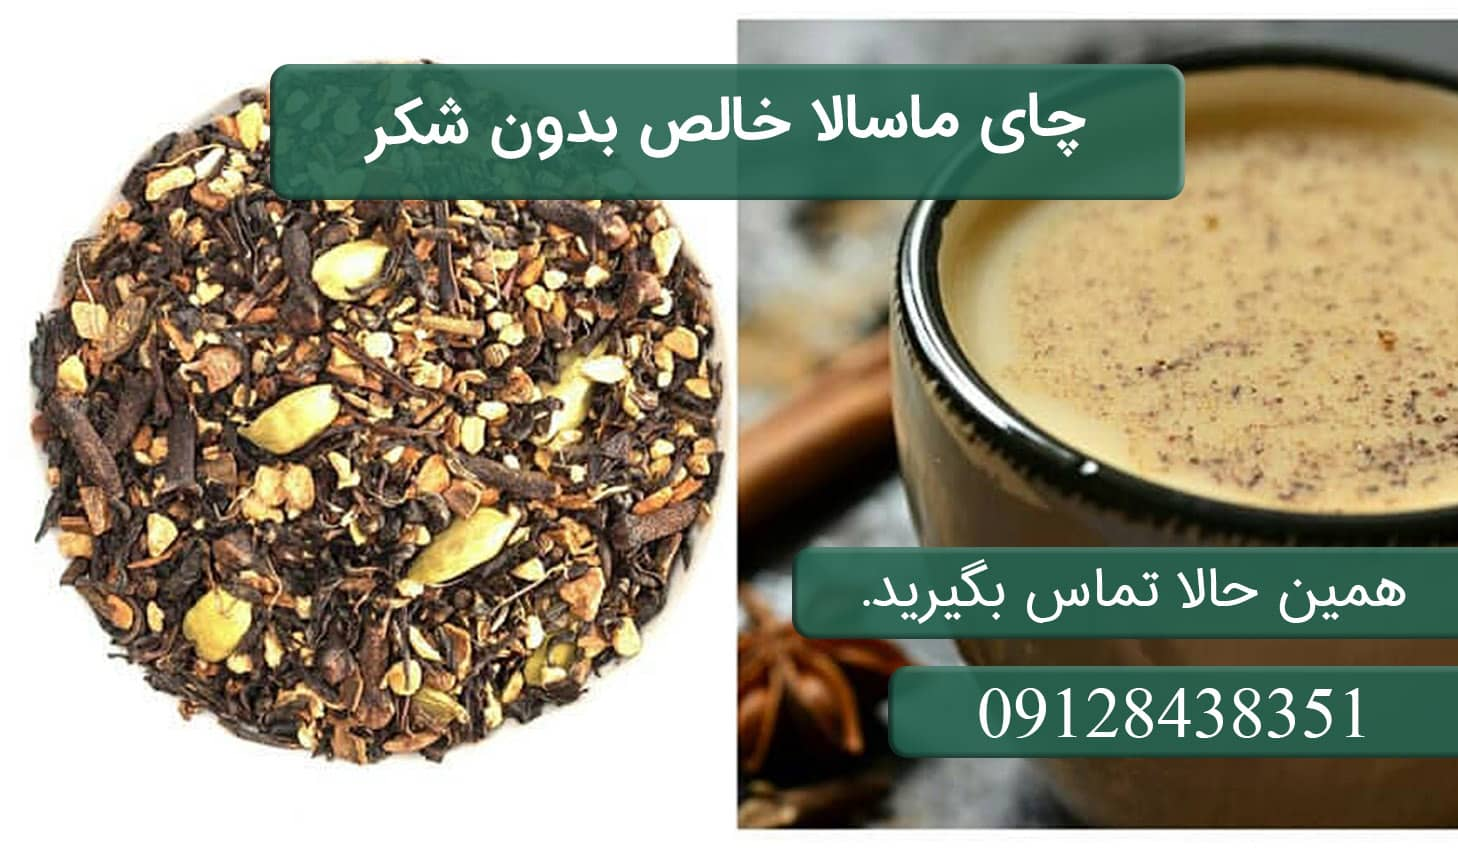 خرید چای ماسالا خالص بدون شکر